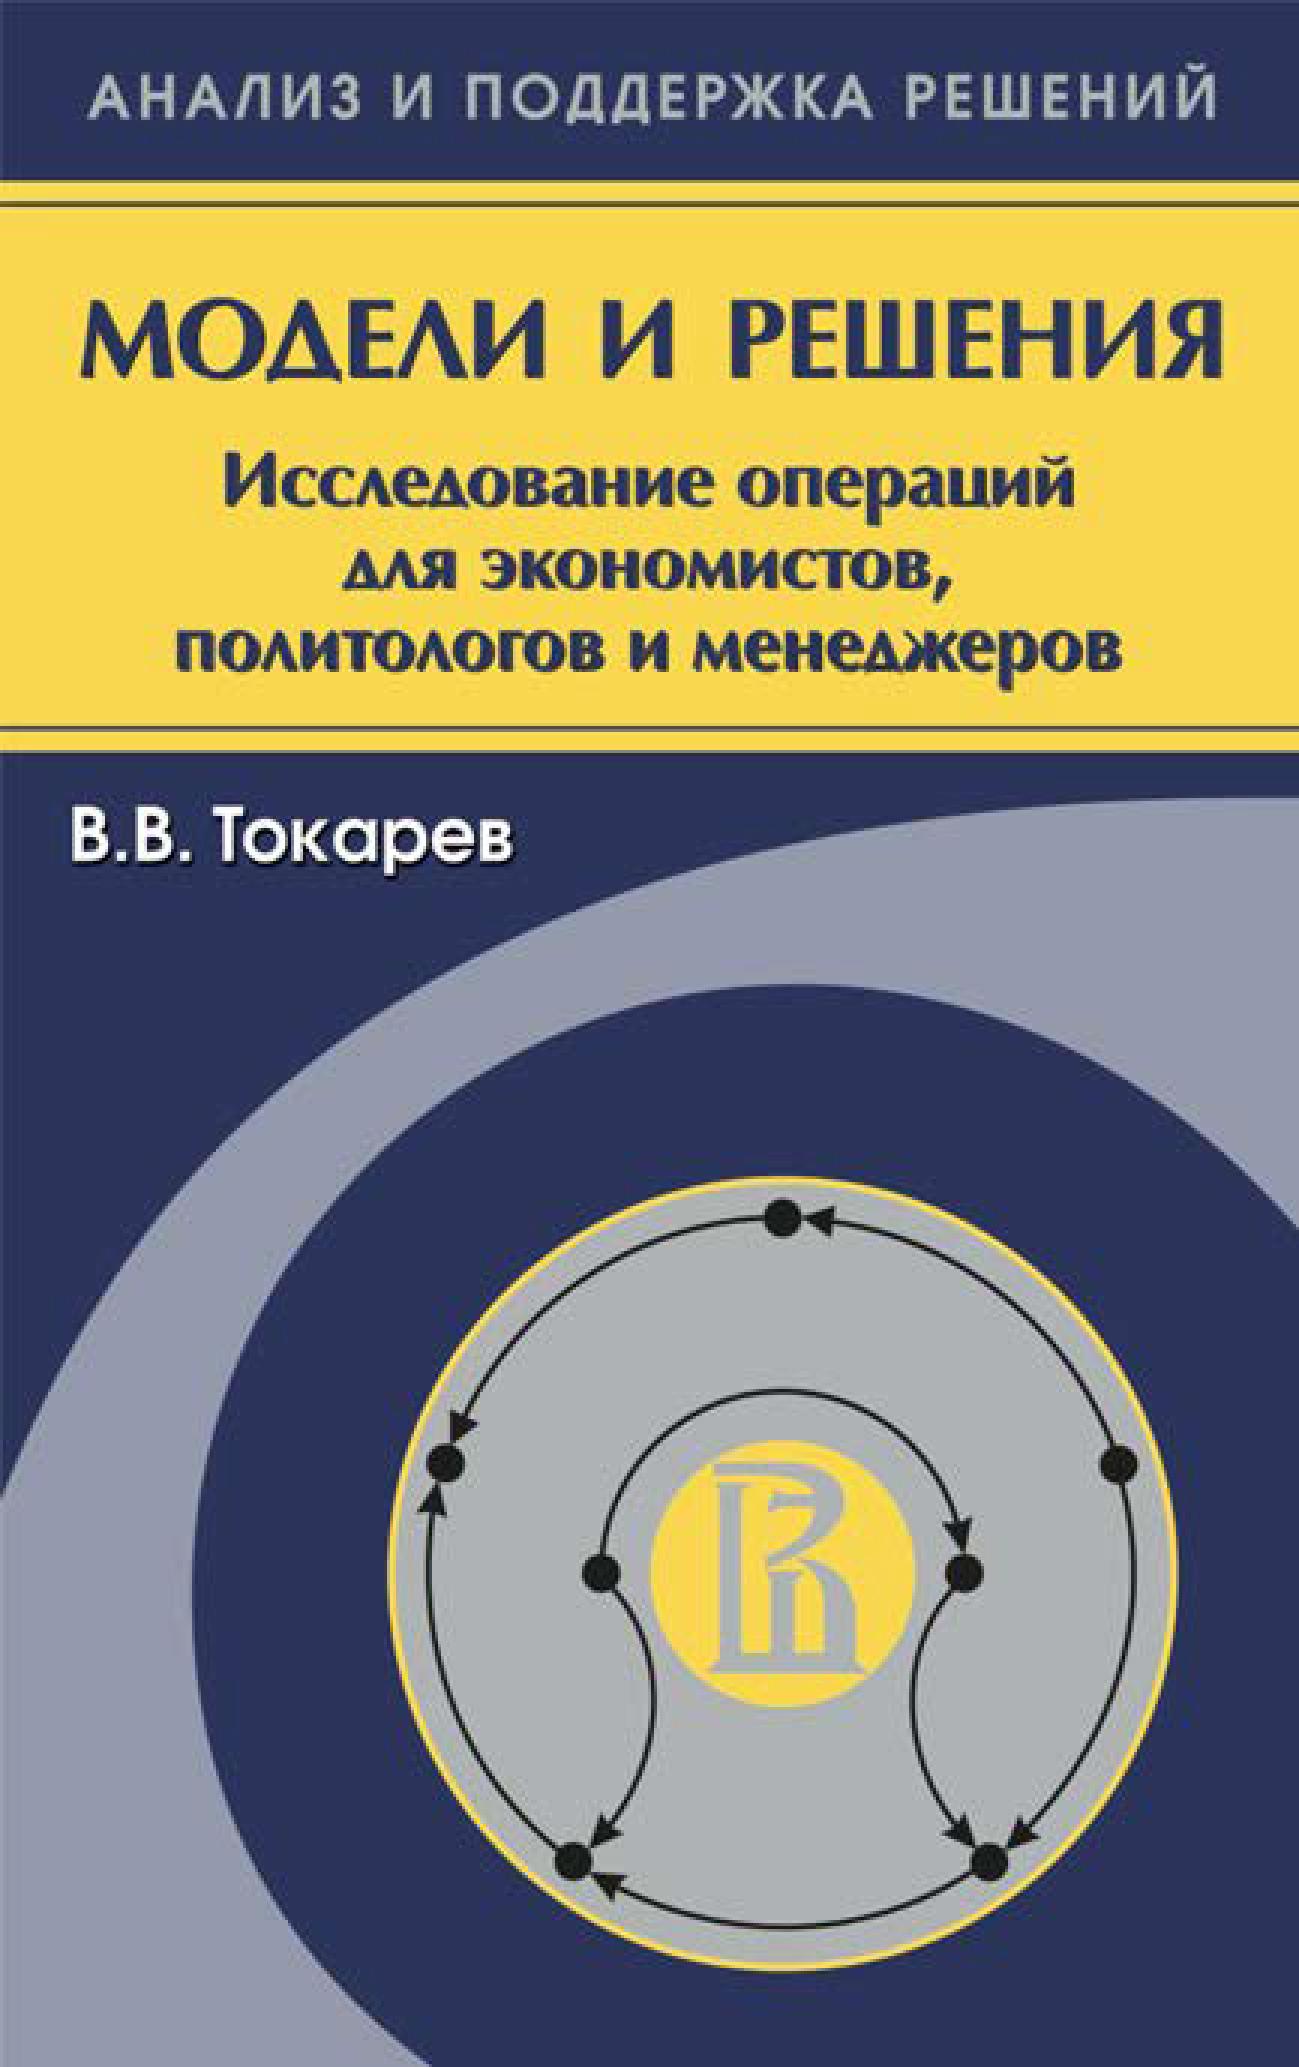 Владислав Токарев Модели и решения. Исследование операций для экономистов, политологов и менеджеров